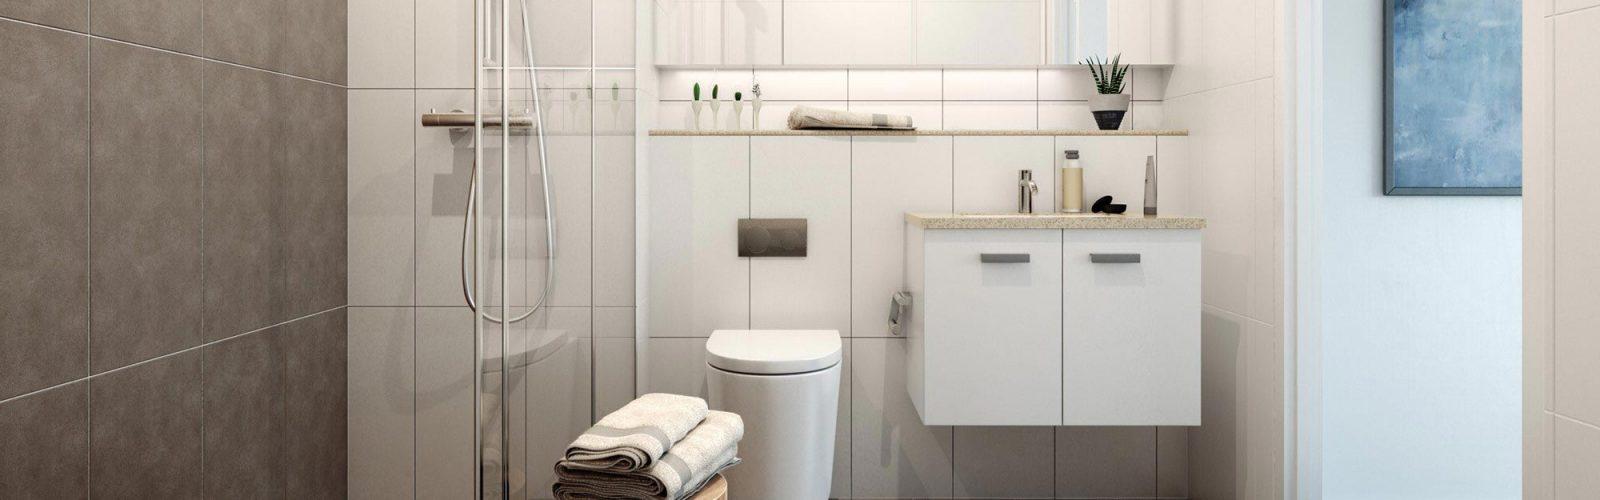 Bathroom Renovations and Remodels Gold Coast.